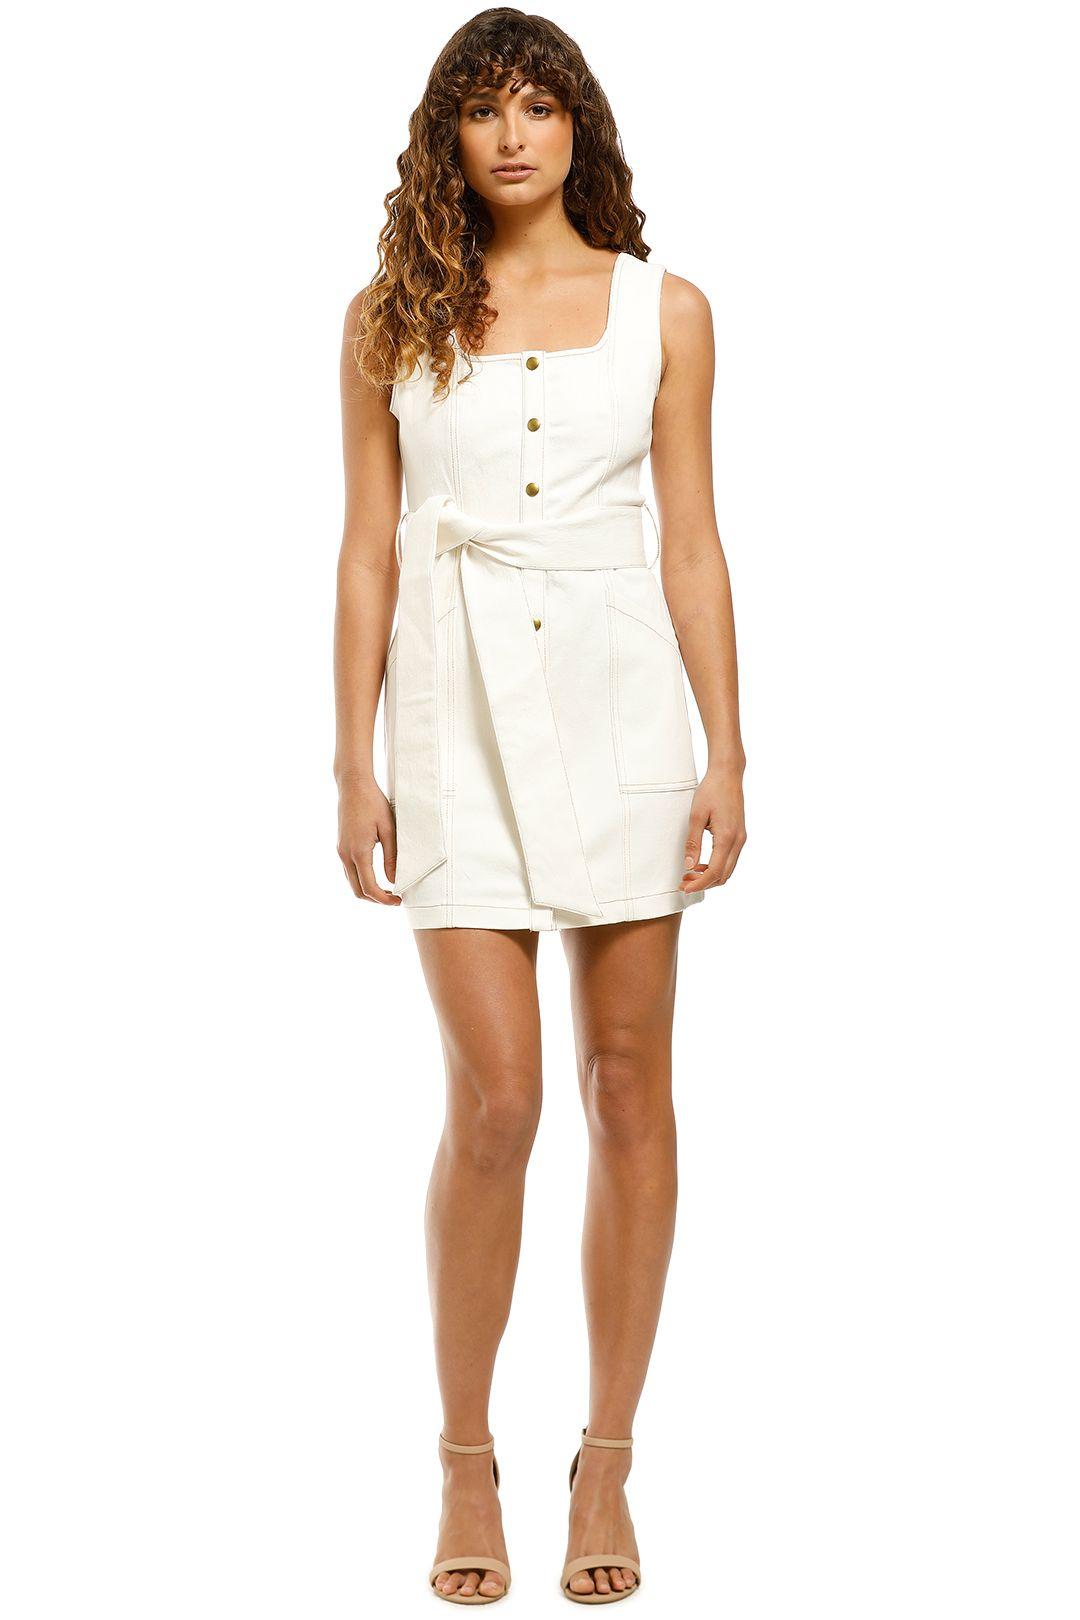 Elliatt-Hope-Dress-White-Front